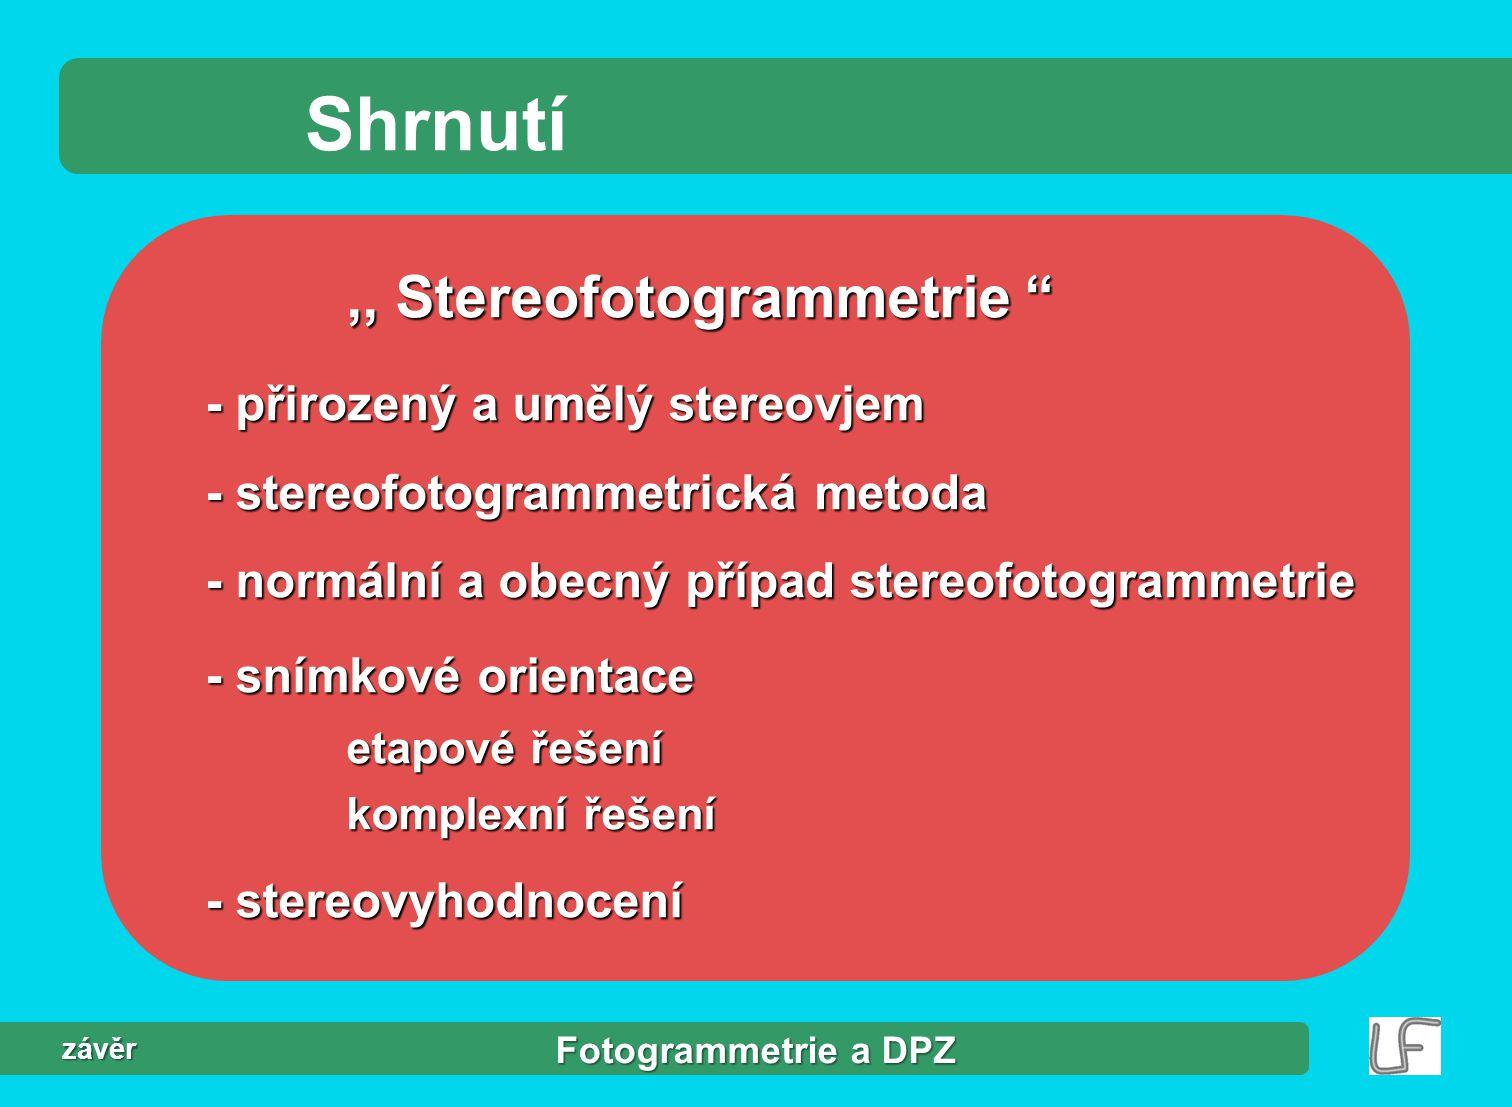 Fotogrammetrie a DPZ závěr Shrnutí,, Stereofotogrammetrie - přirozený a umělý stereovjem - stereofotogrammetrická metoda - normální a obecný případ stereofotogrammetrie - snímkové orientace etapové řešení komplexní řešení - stereovyhodnocení